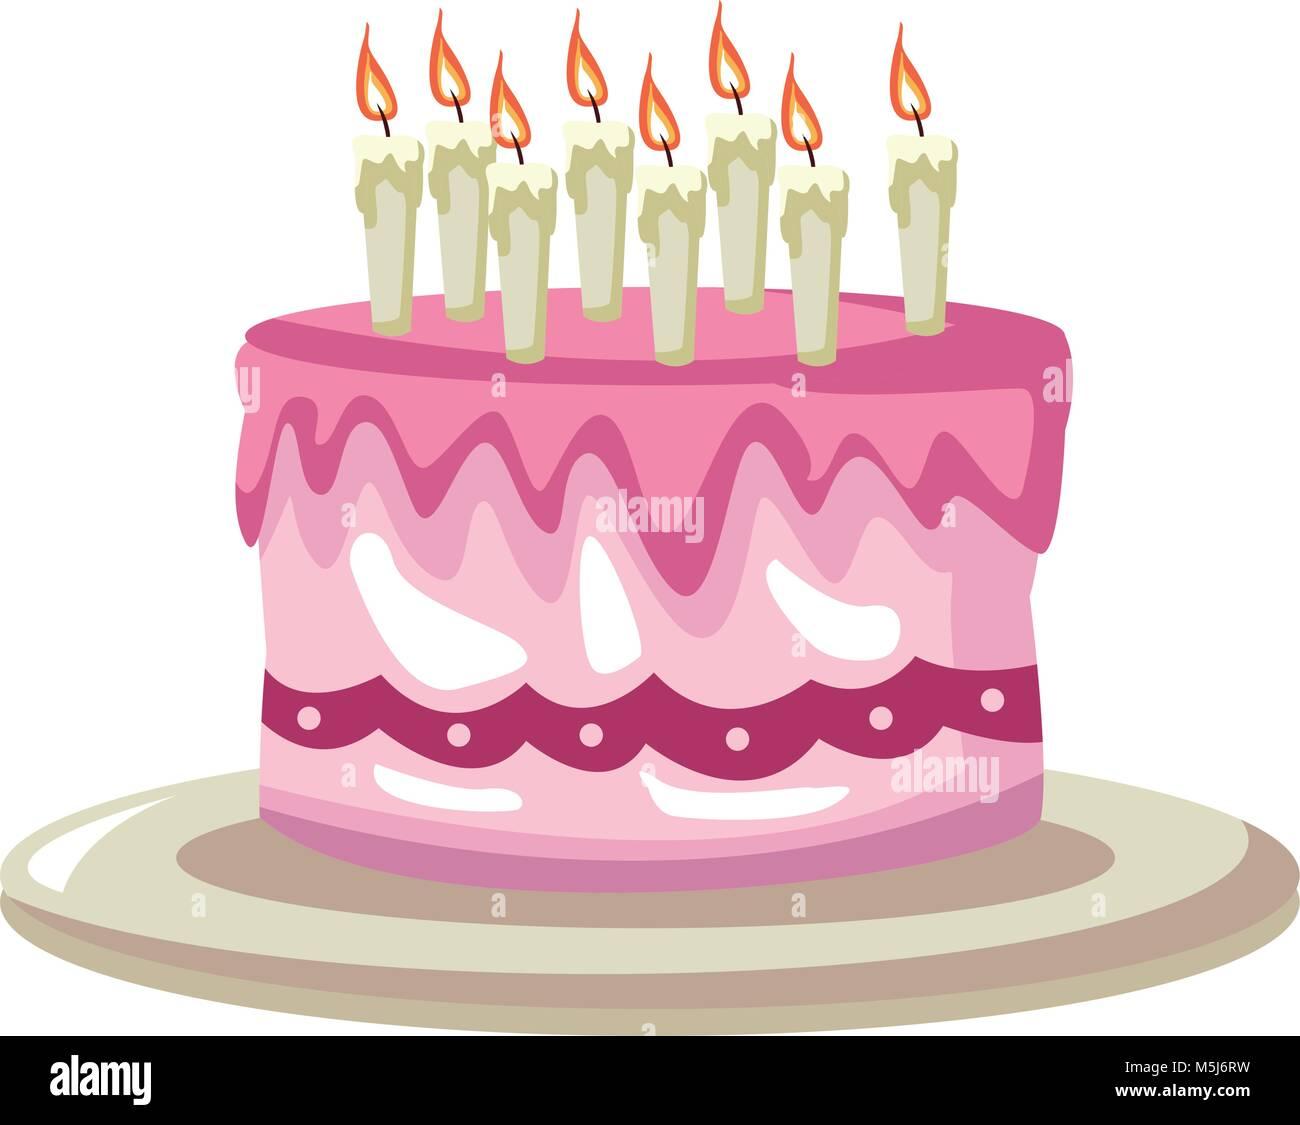 Cartoon Birthday Cake Stock Photos Cartoon Birthday Cake Stock